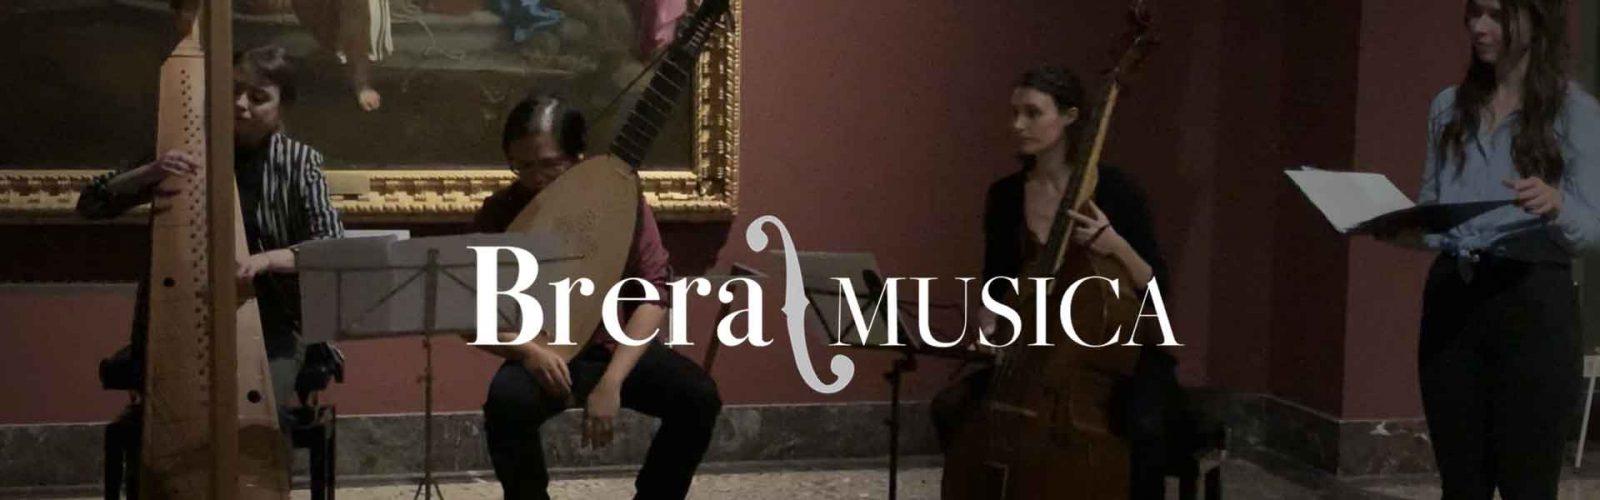 Ricomincia Brera/Musica!